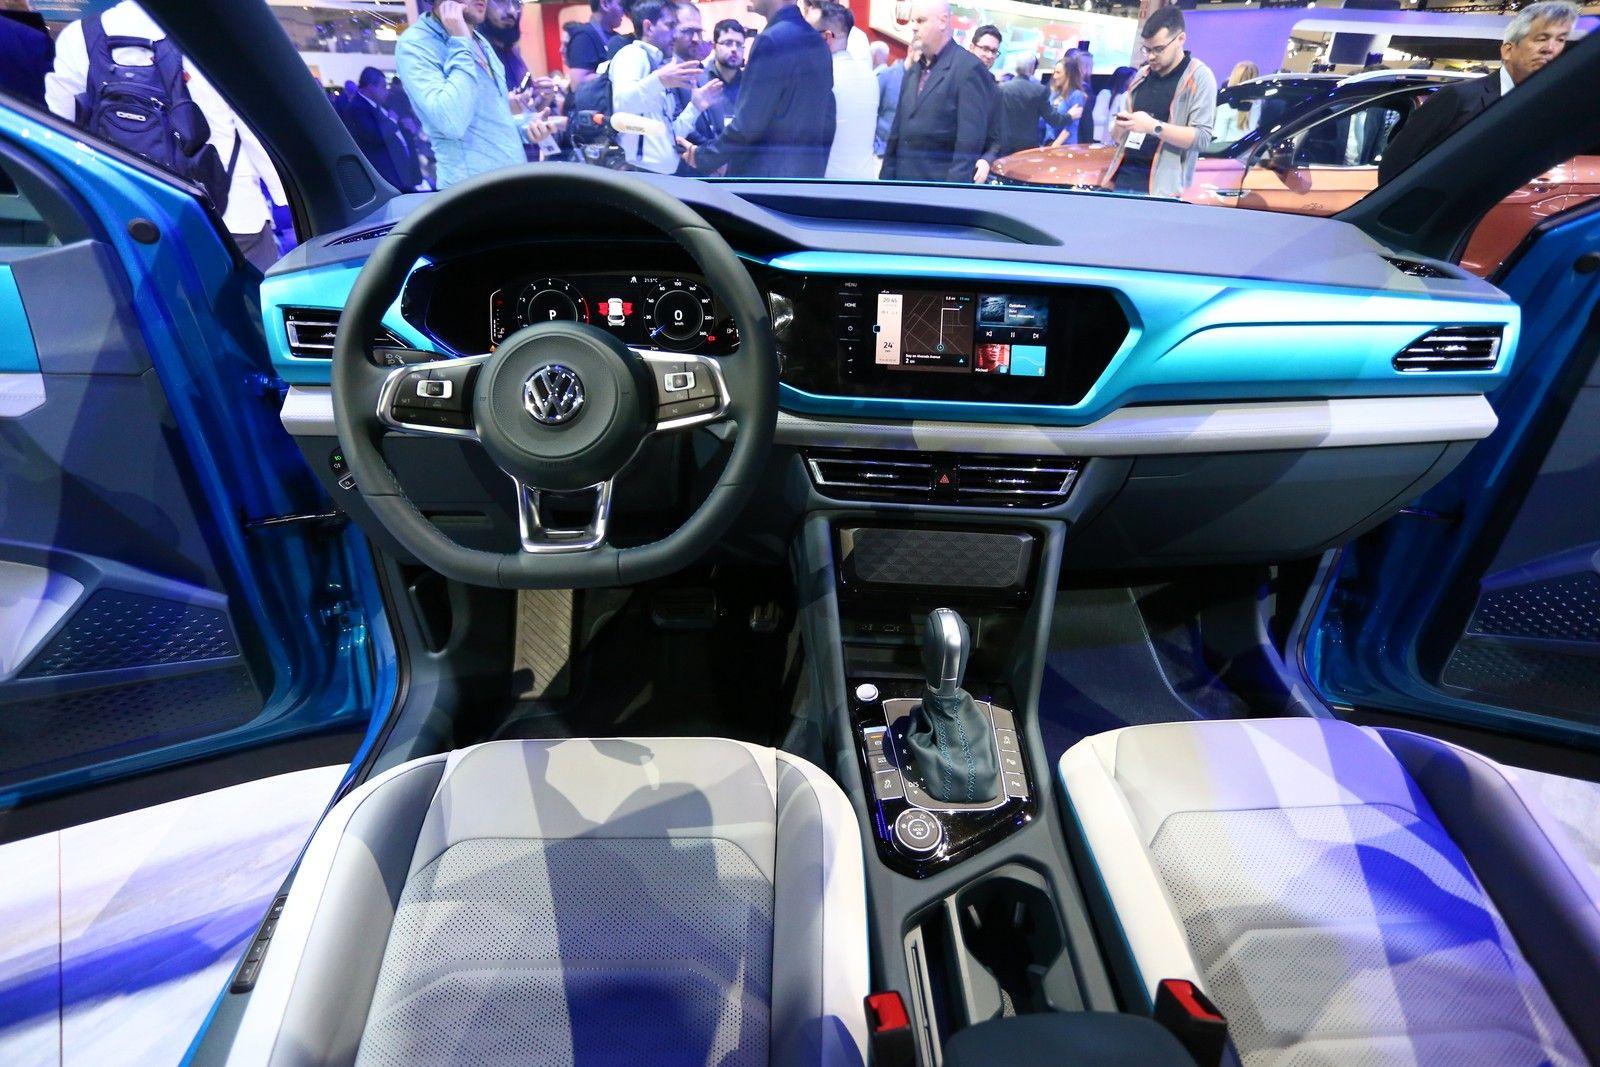 Volkswagen Apresenta Conceito De Picape Rival Da Toro E Polo